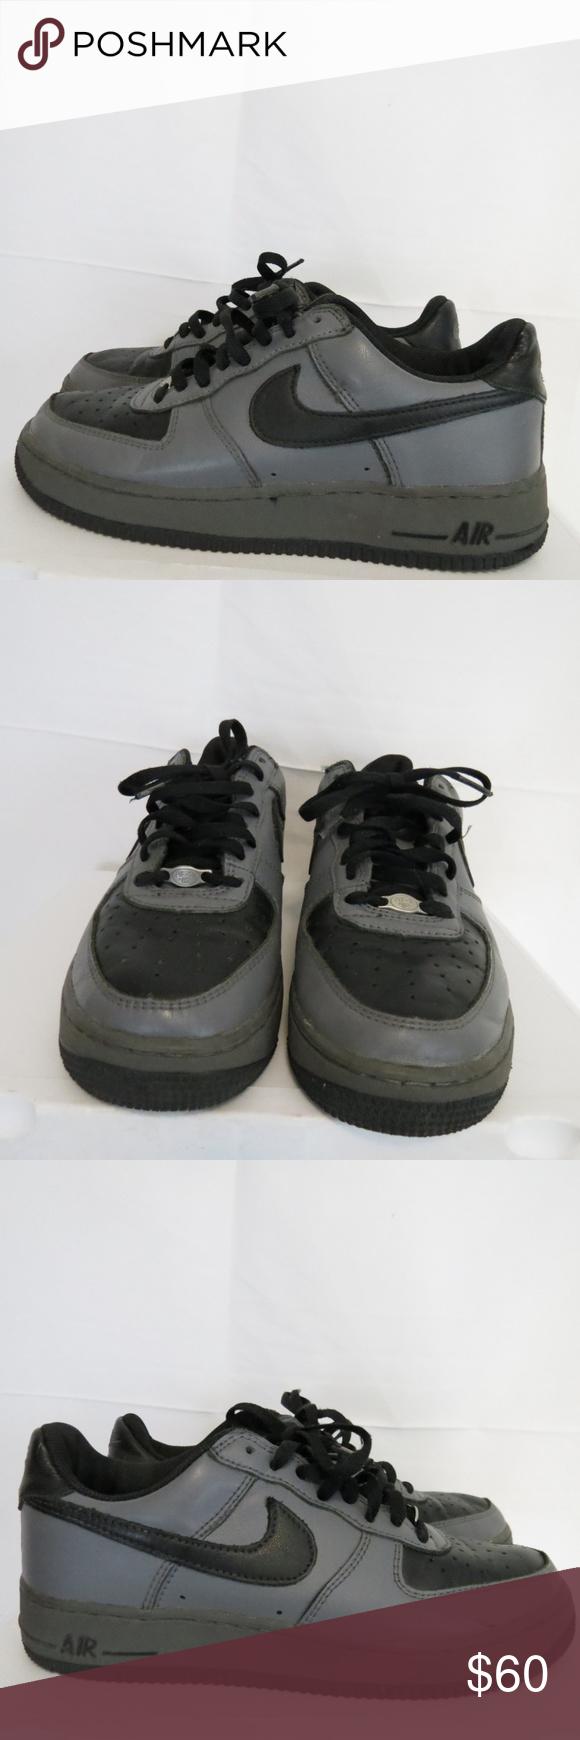 Nike Air Force 1 Men's 7.5 EU 40.5 Athletic Nike Air Force 1